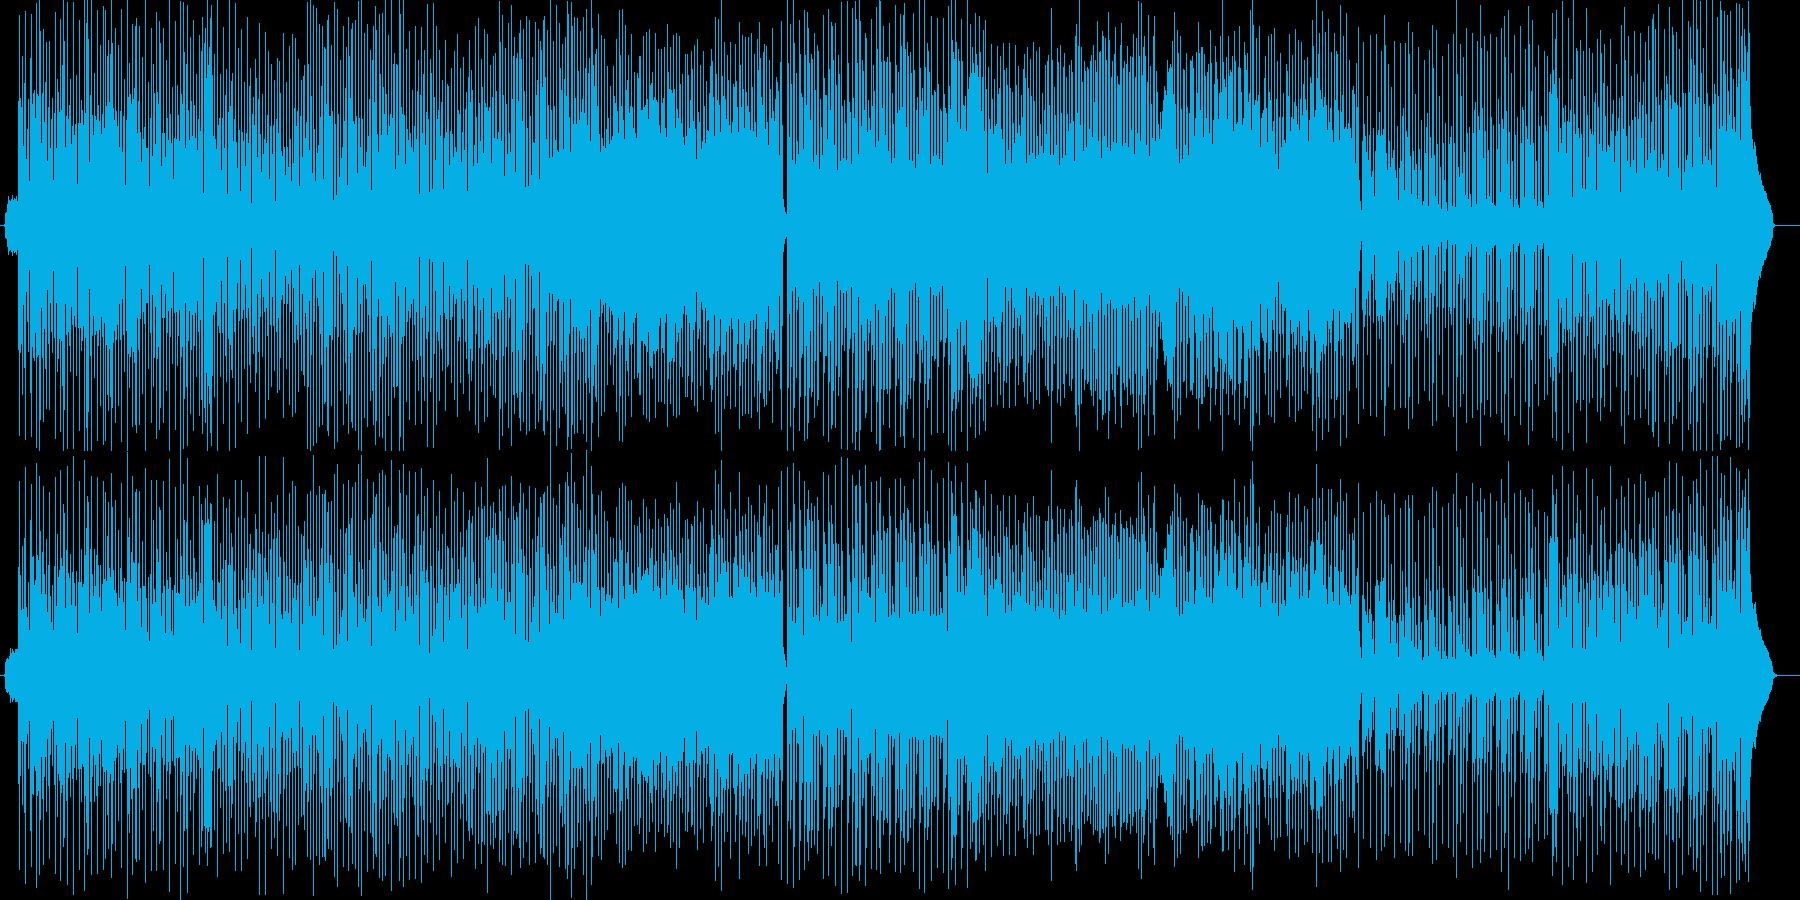 軽やかなトランペットシンセサイザー曲の再生済みの波形